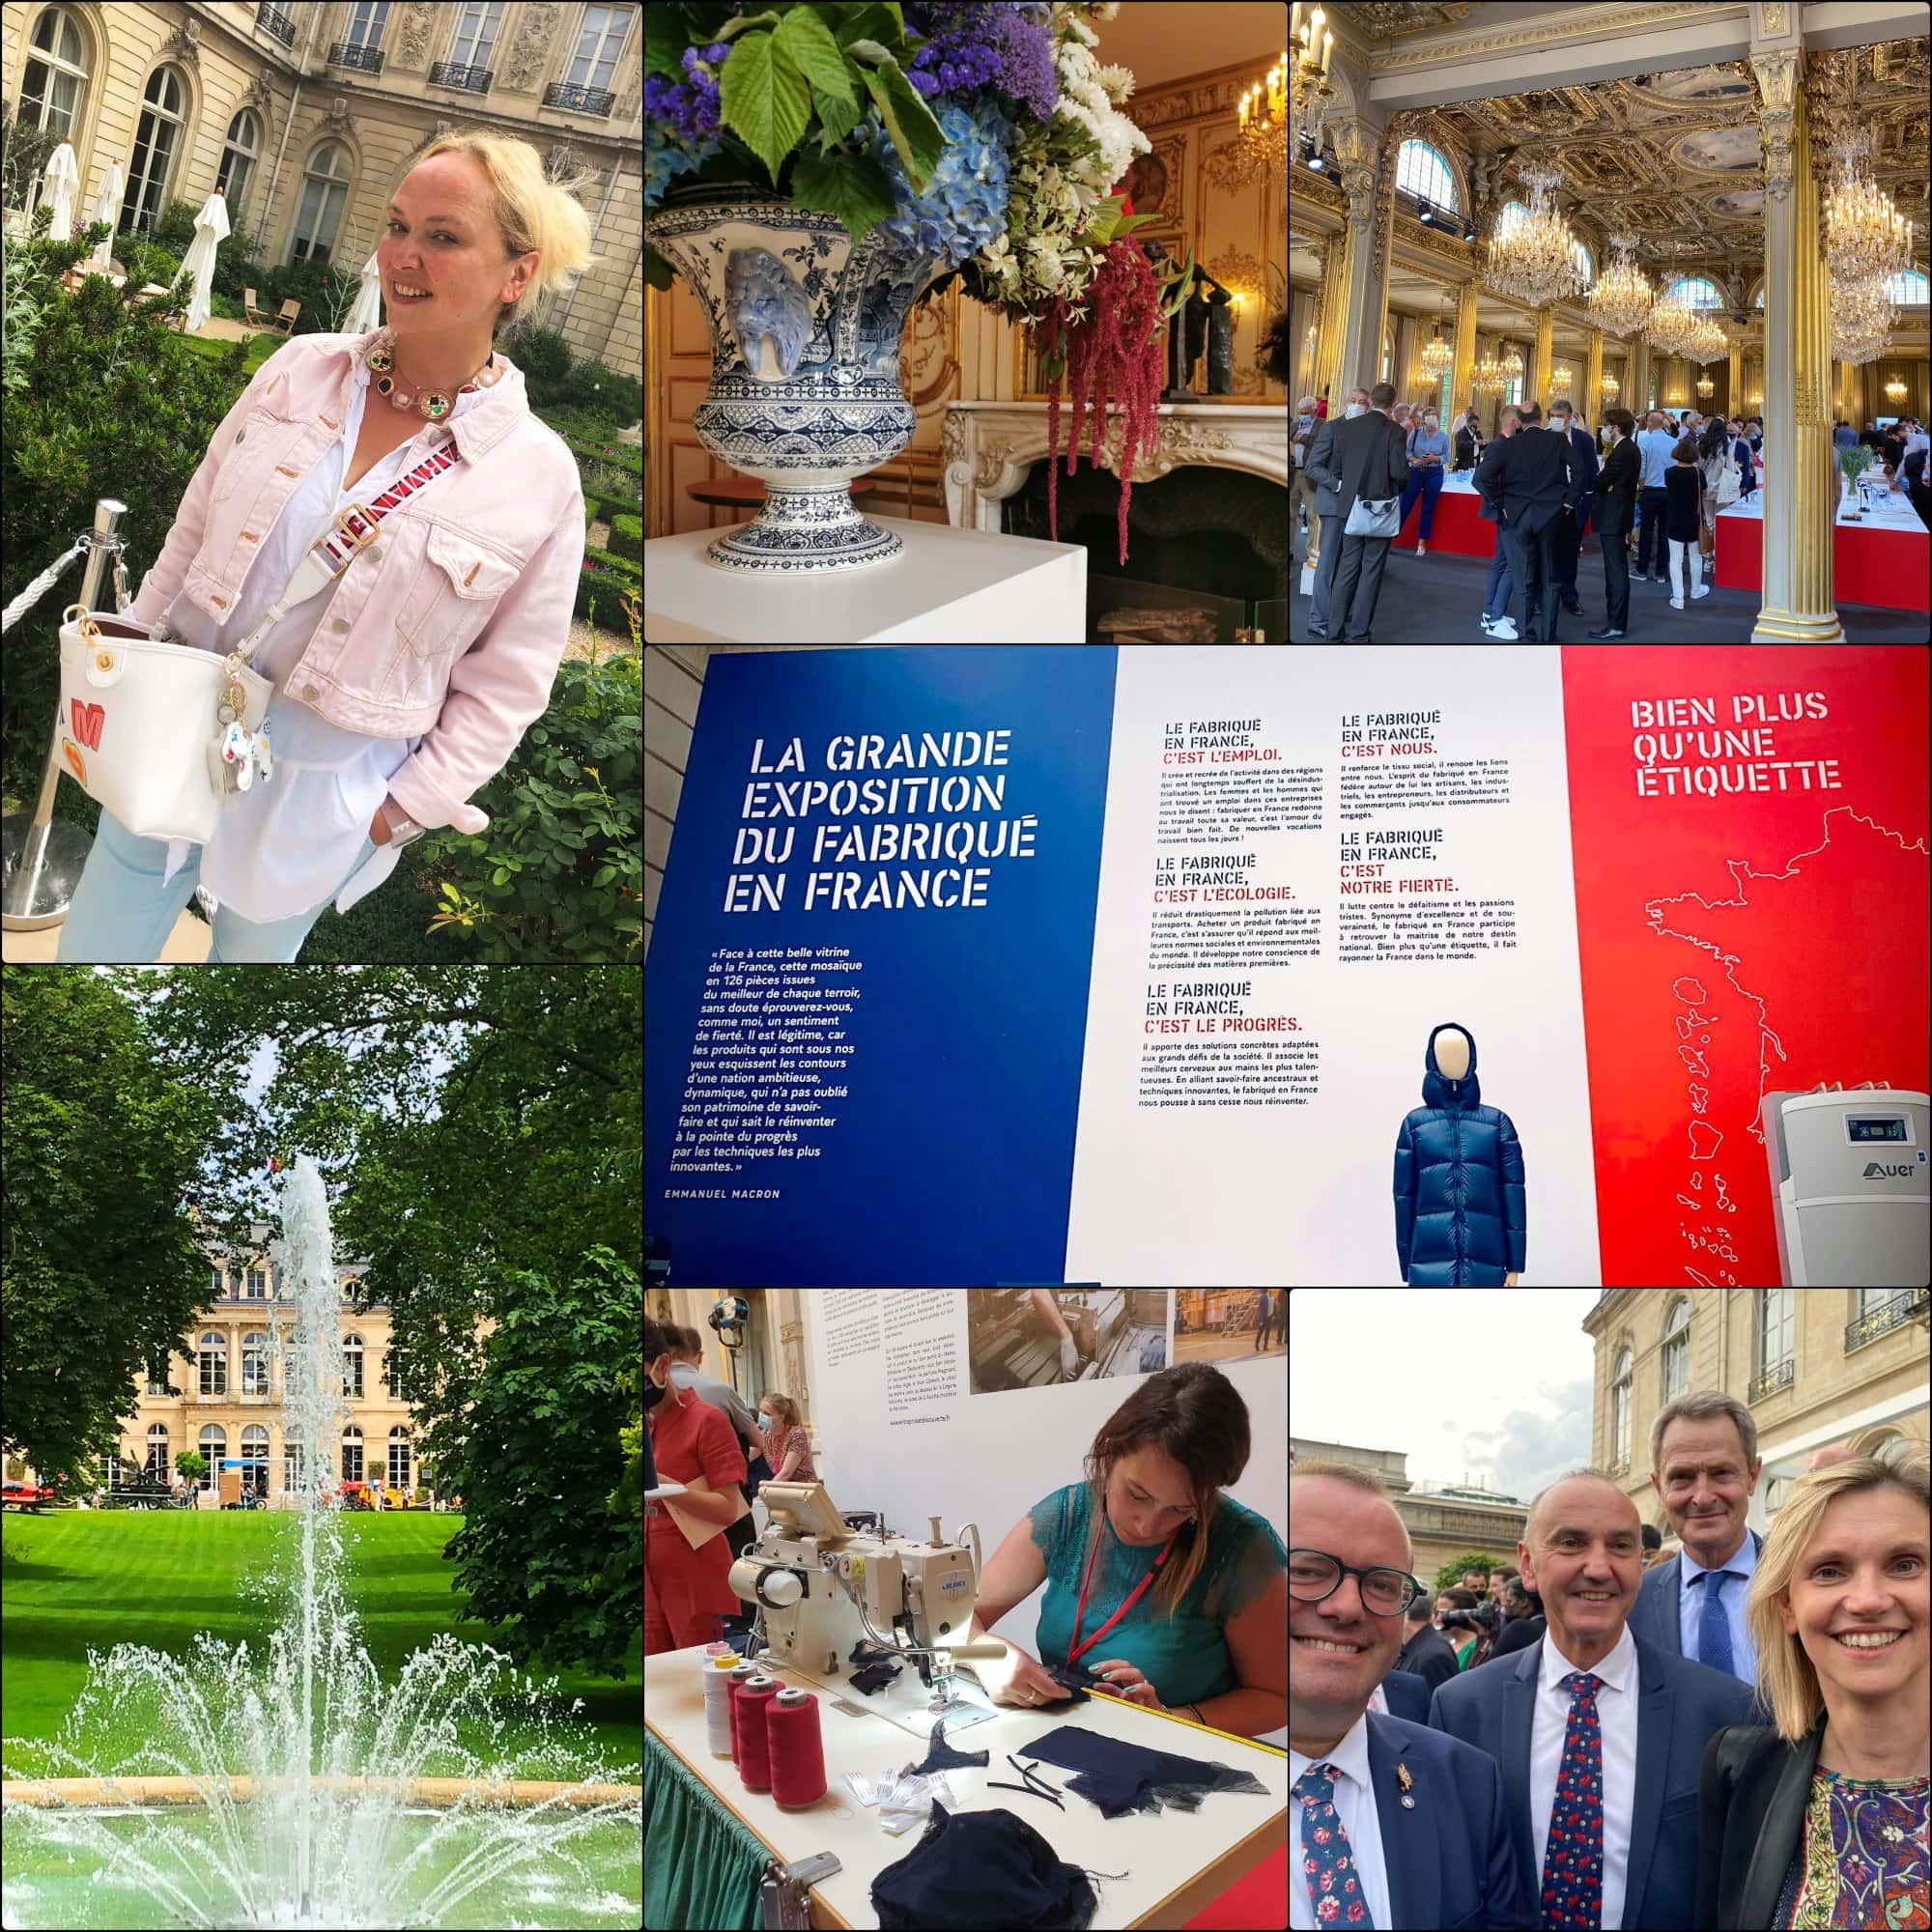 Fabriqué en France 2021 Élysée expo par RUNWAY RIVISTA. Eleonora de Gray, Agnès Pannier-Runacher,